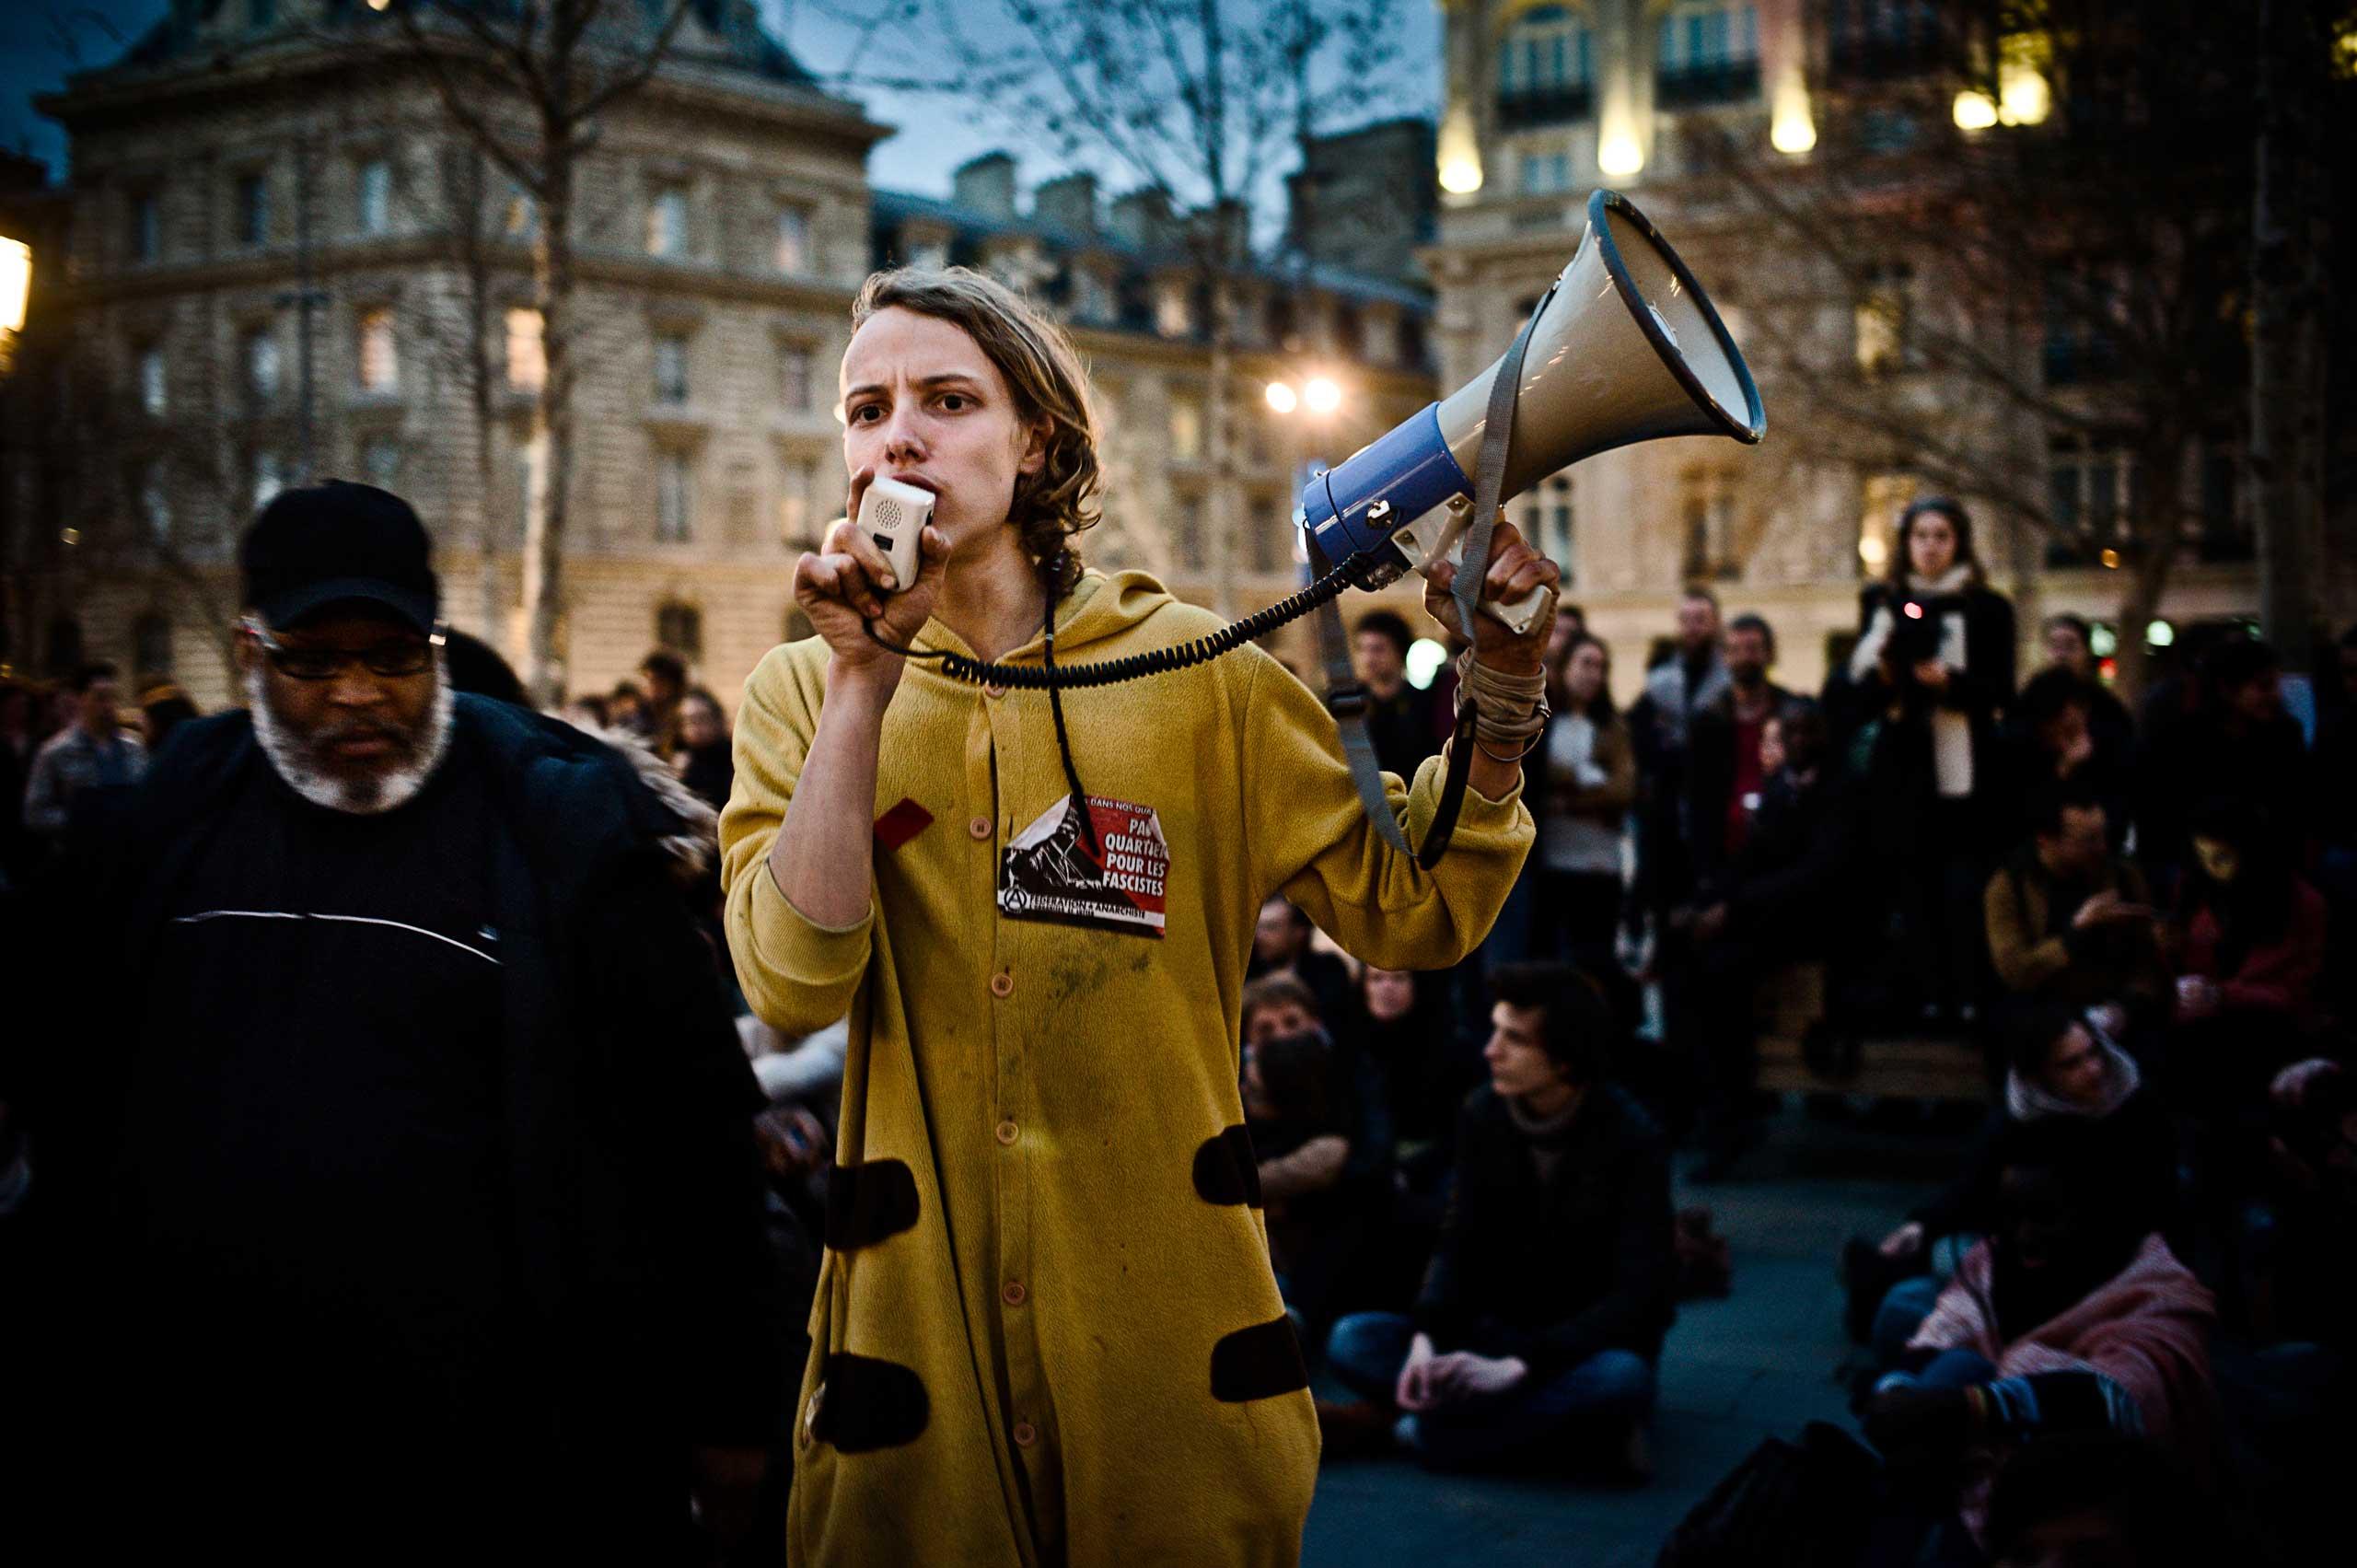 A representative of the Nanterre University students  speaks to the crowds in the Place de la République.